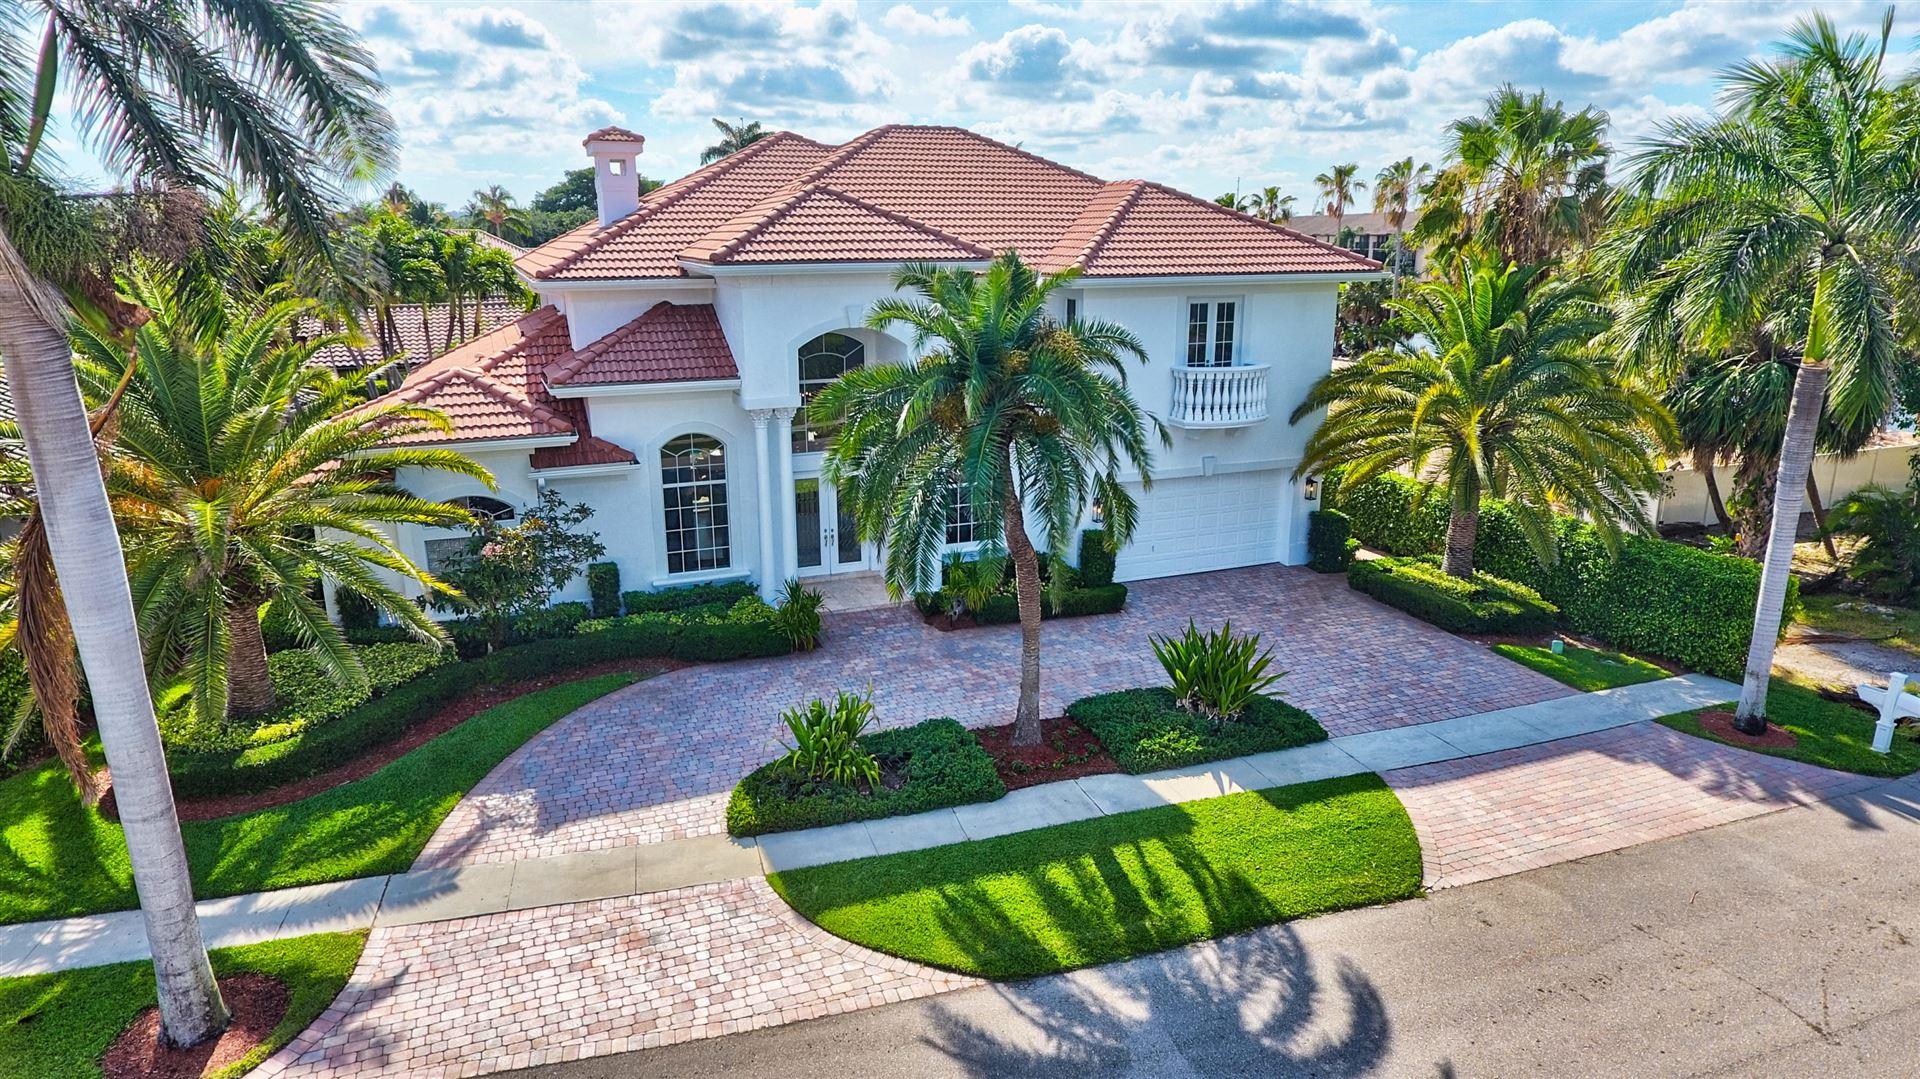 7899 NE Spanish Trail Court, Boca Raton, FL 33487 - MLS#: RX-10719619